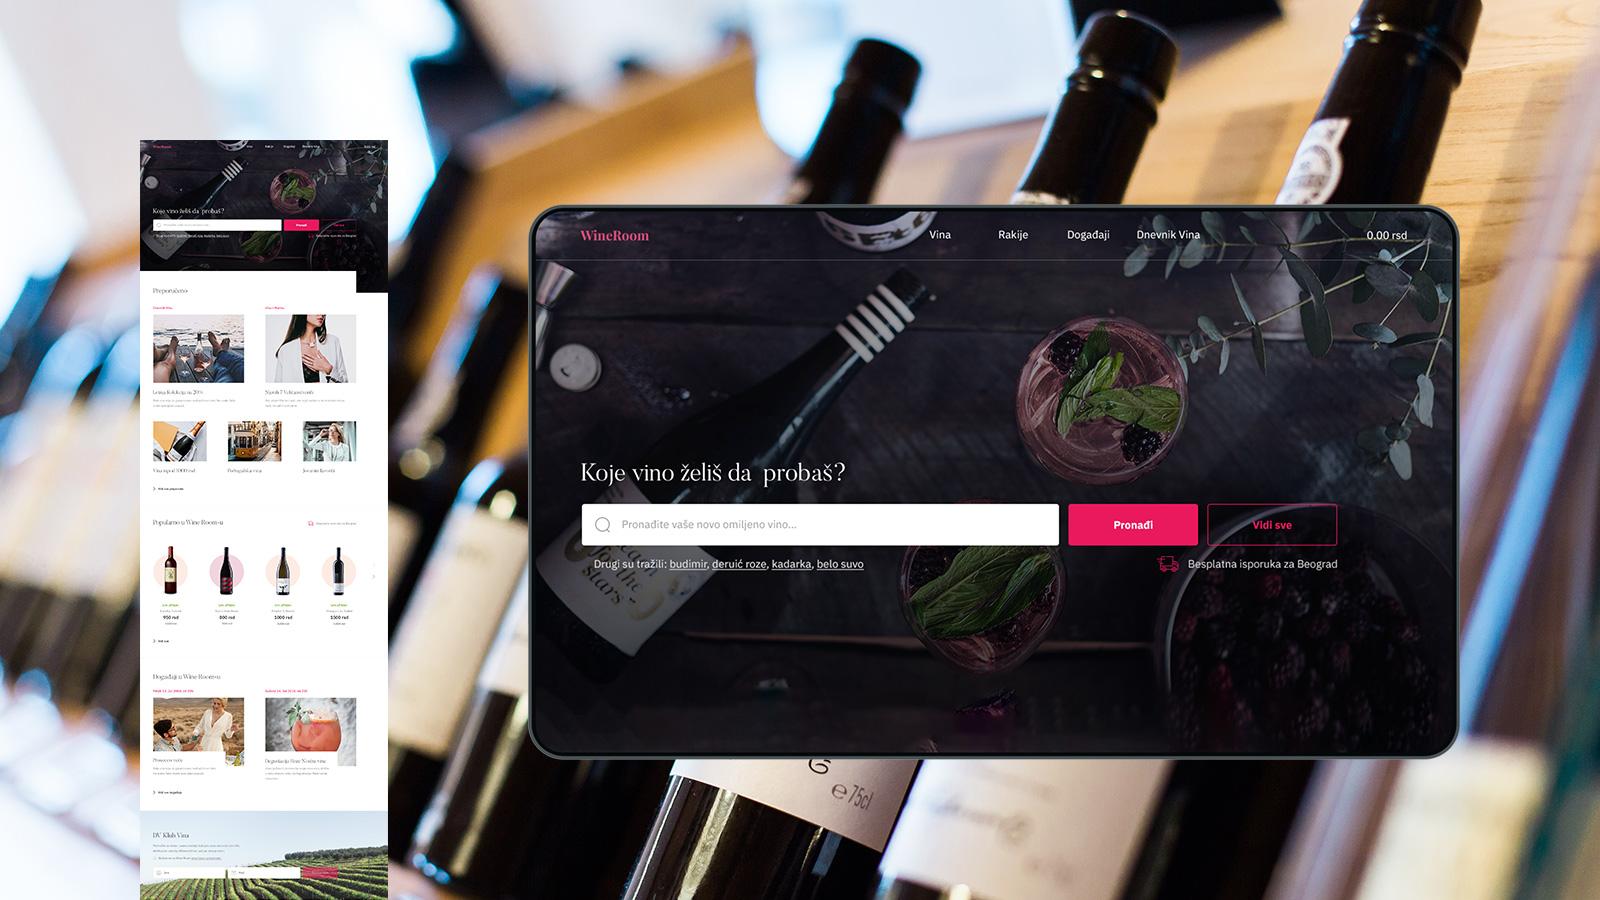 002-wine-room.jpg